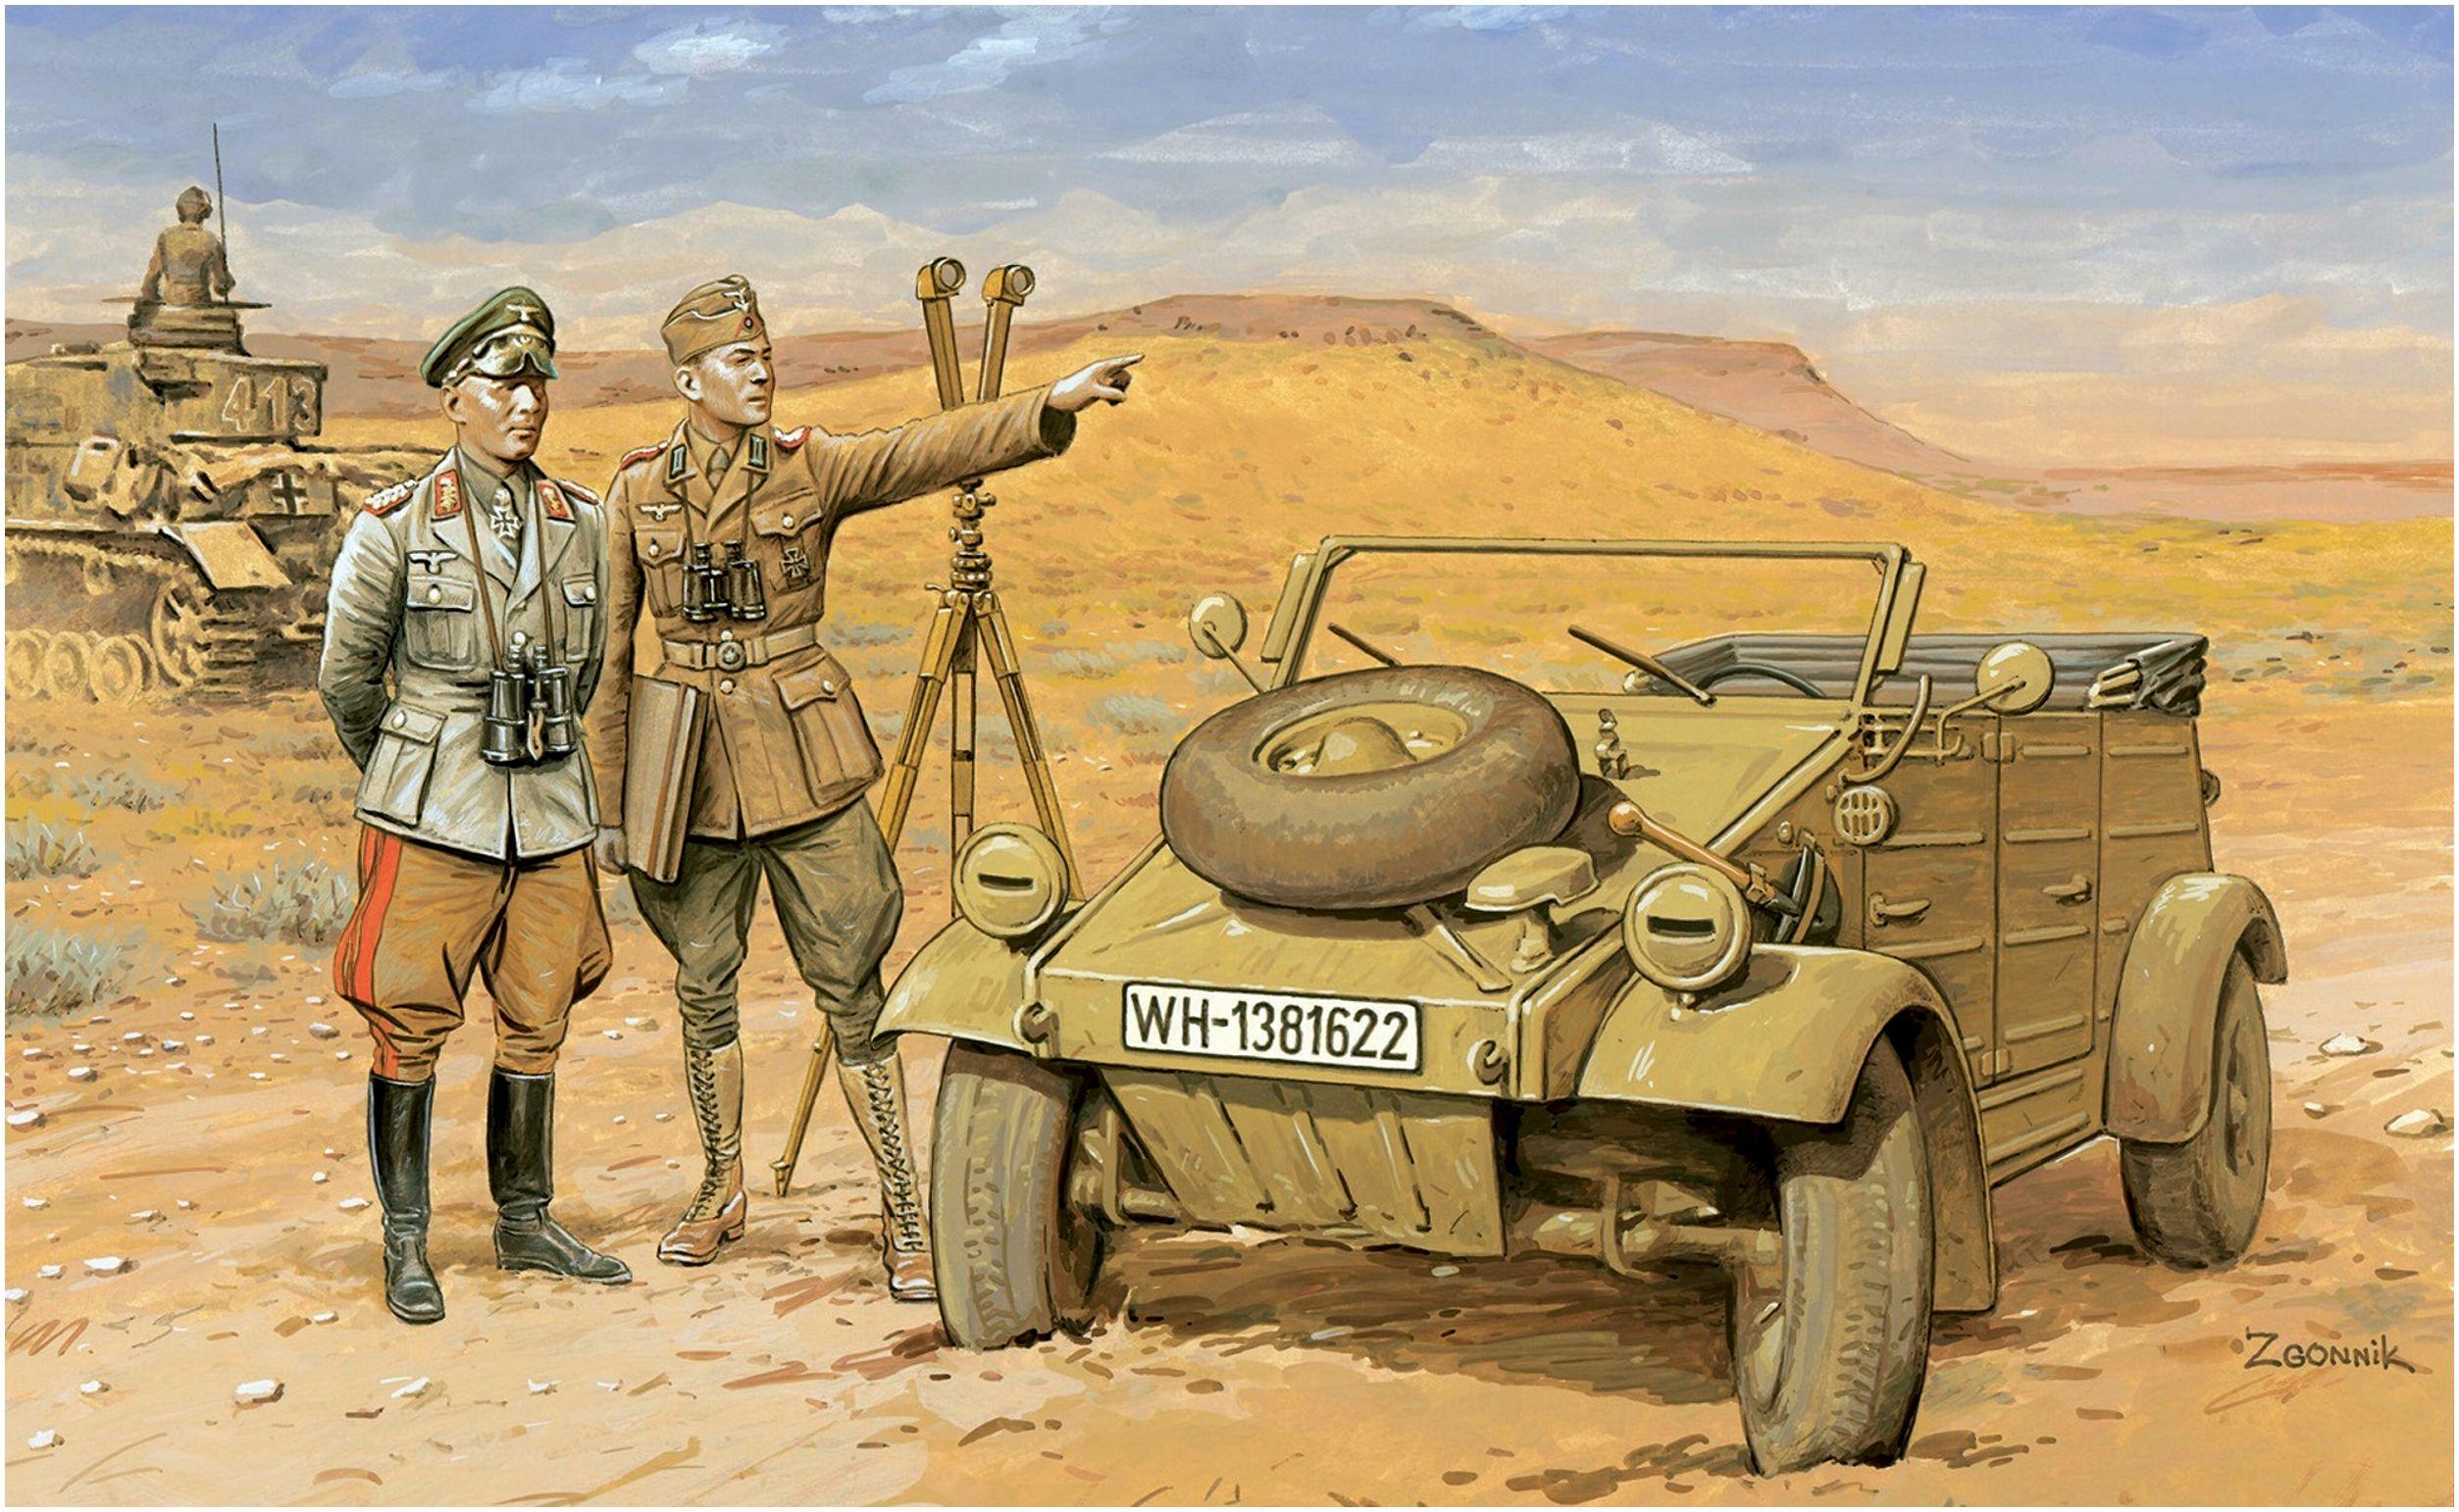 Згонник Дмитрий. Роммель в пустыне.